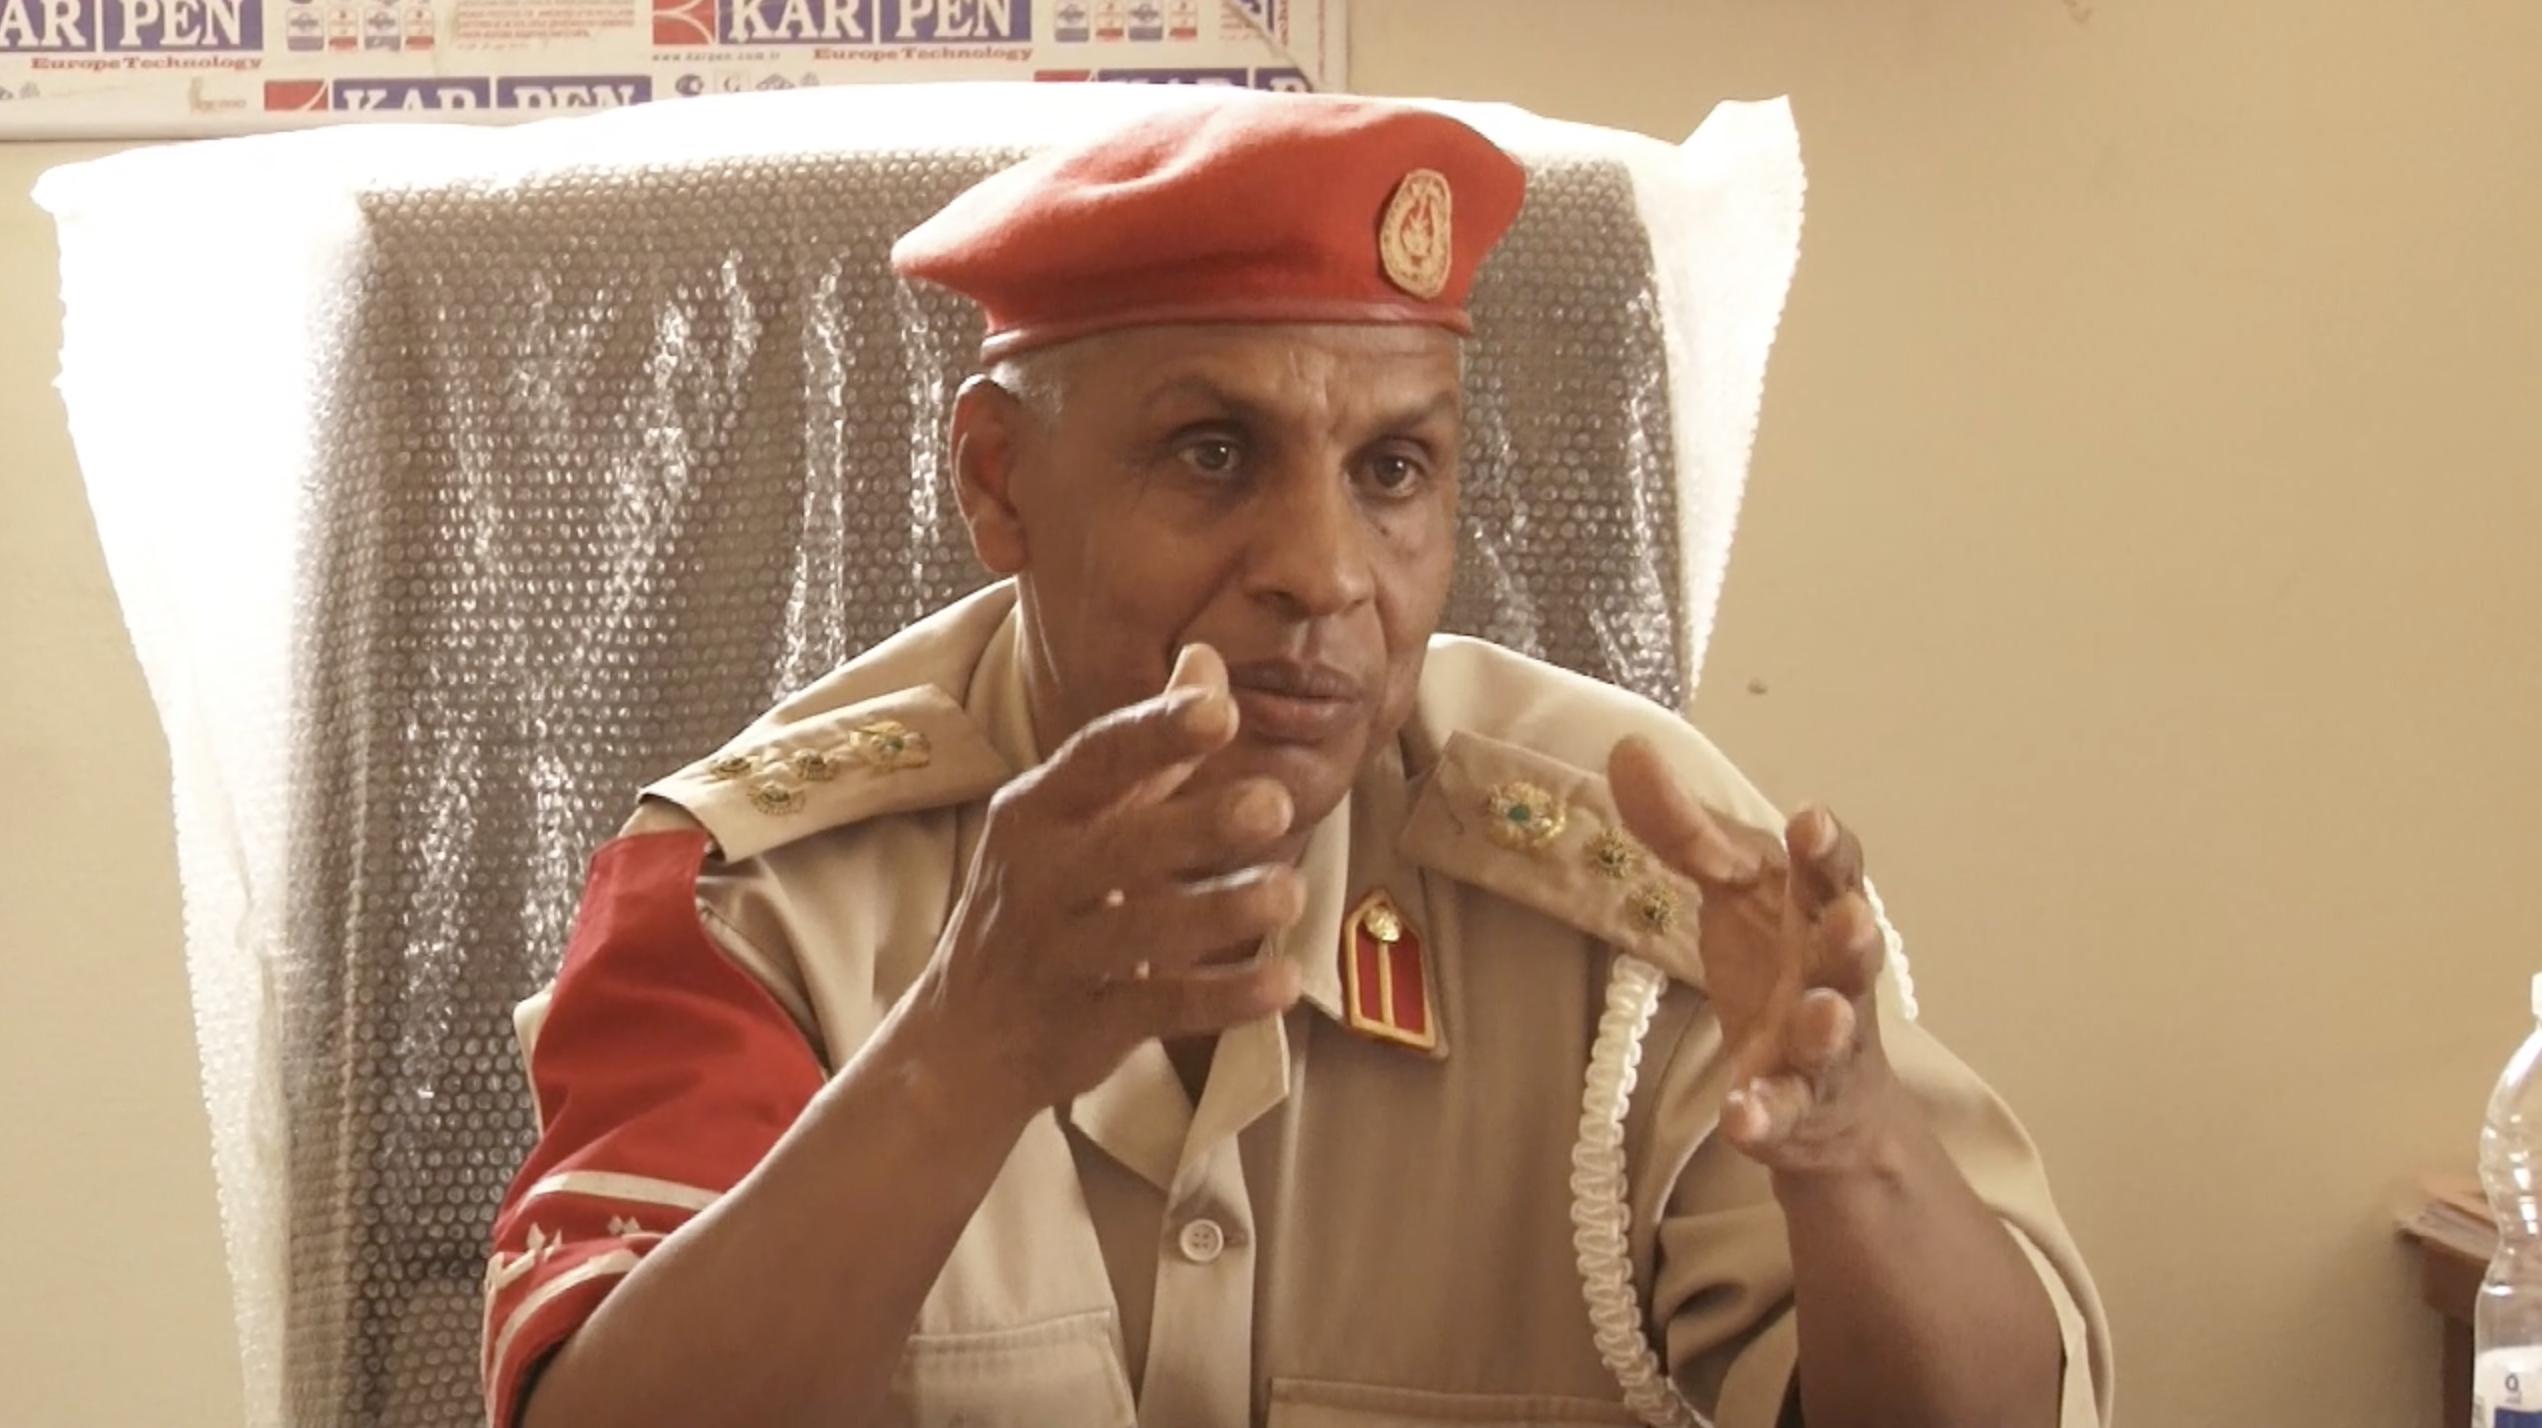 عميد محمود جابر بالشرطة العسكرية تراغن